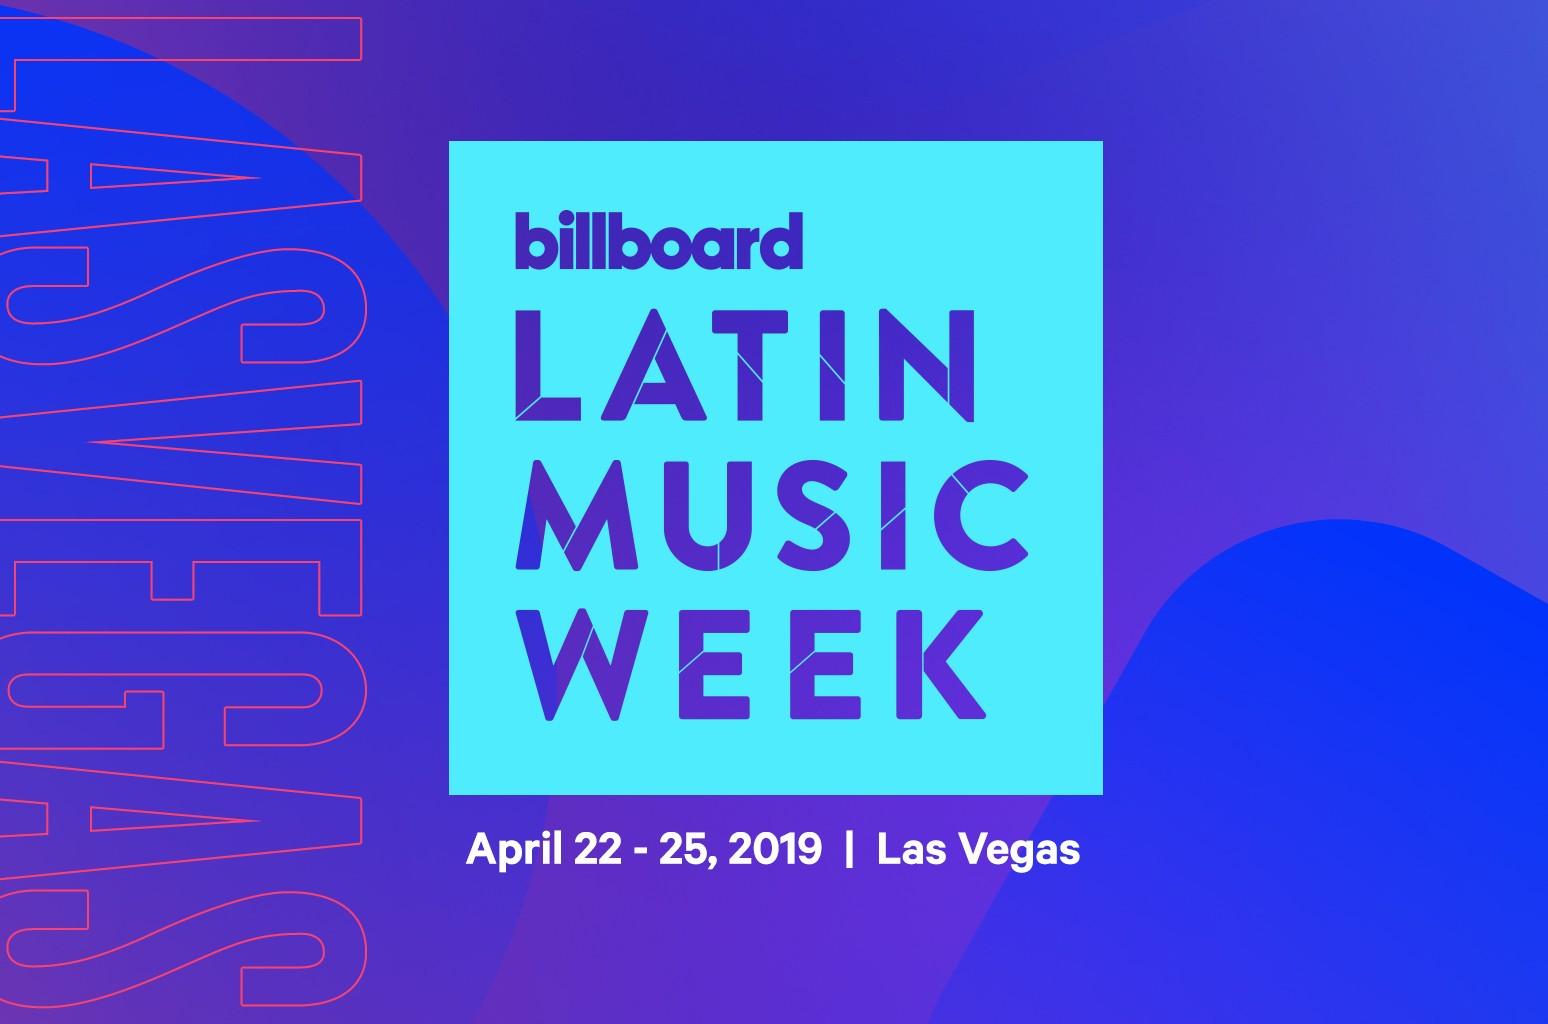 Latin Music Week 2019